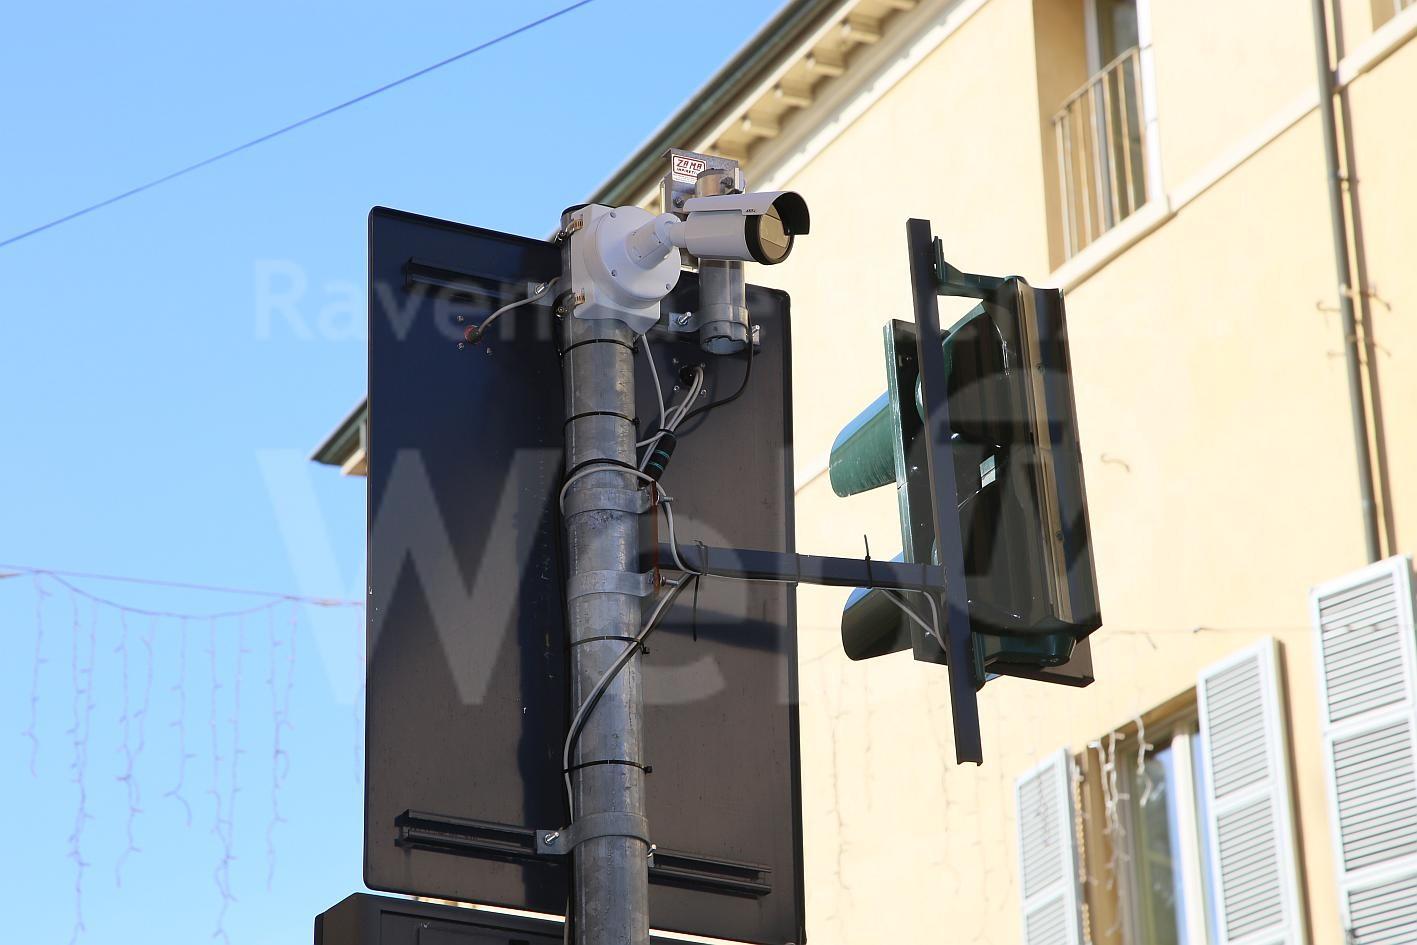 Bagnacavallo: Sicurezza, installate nuove telecamere di videosorveglianza - Ravennawebtv.it